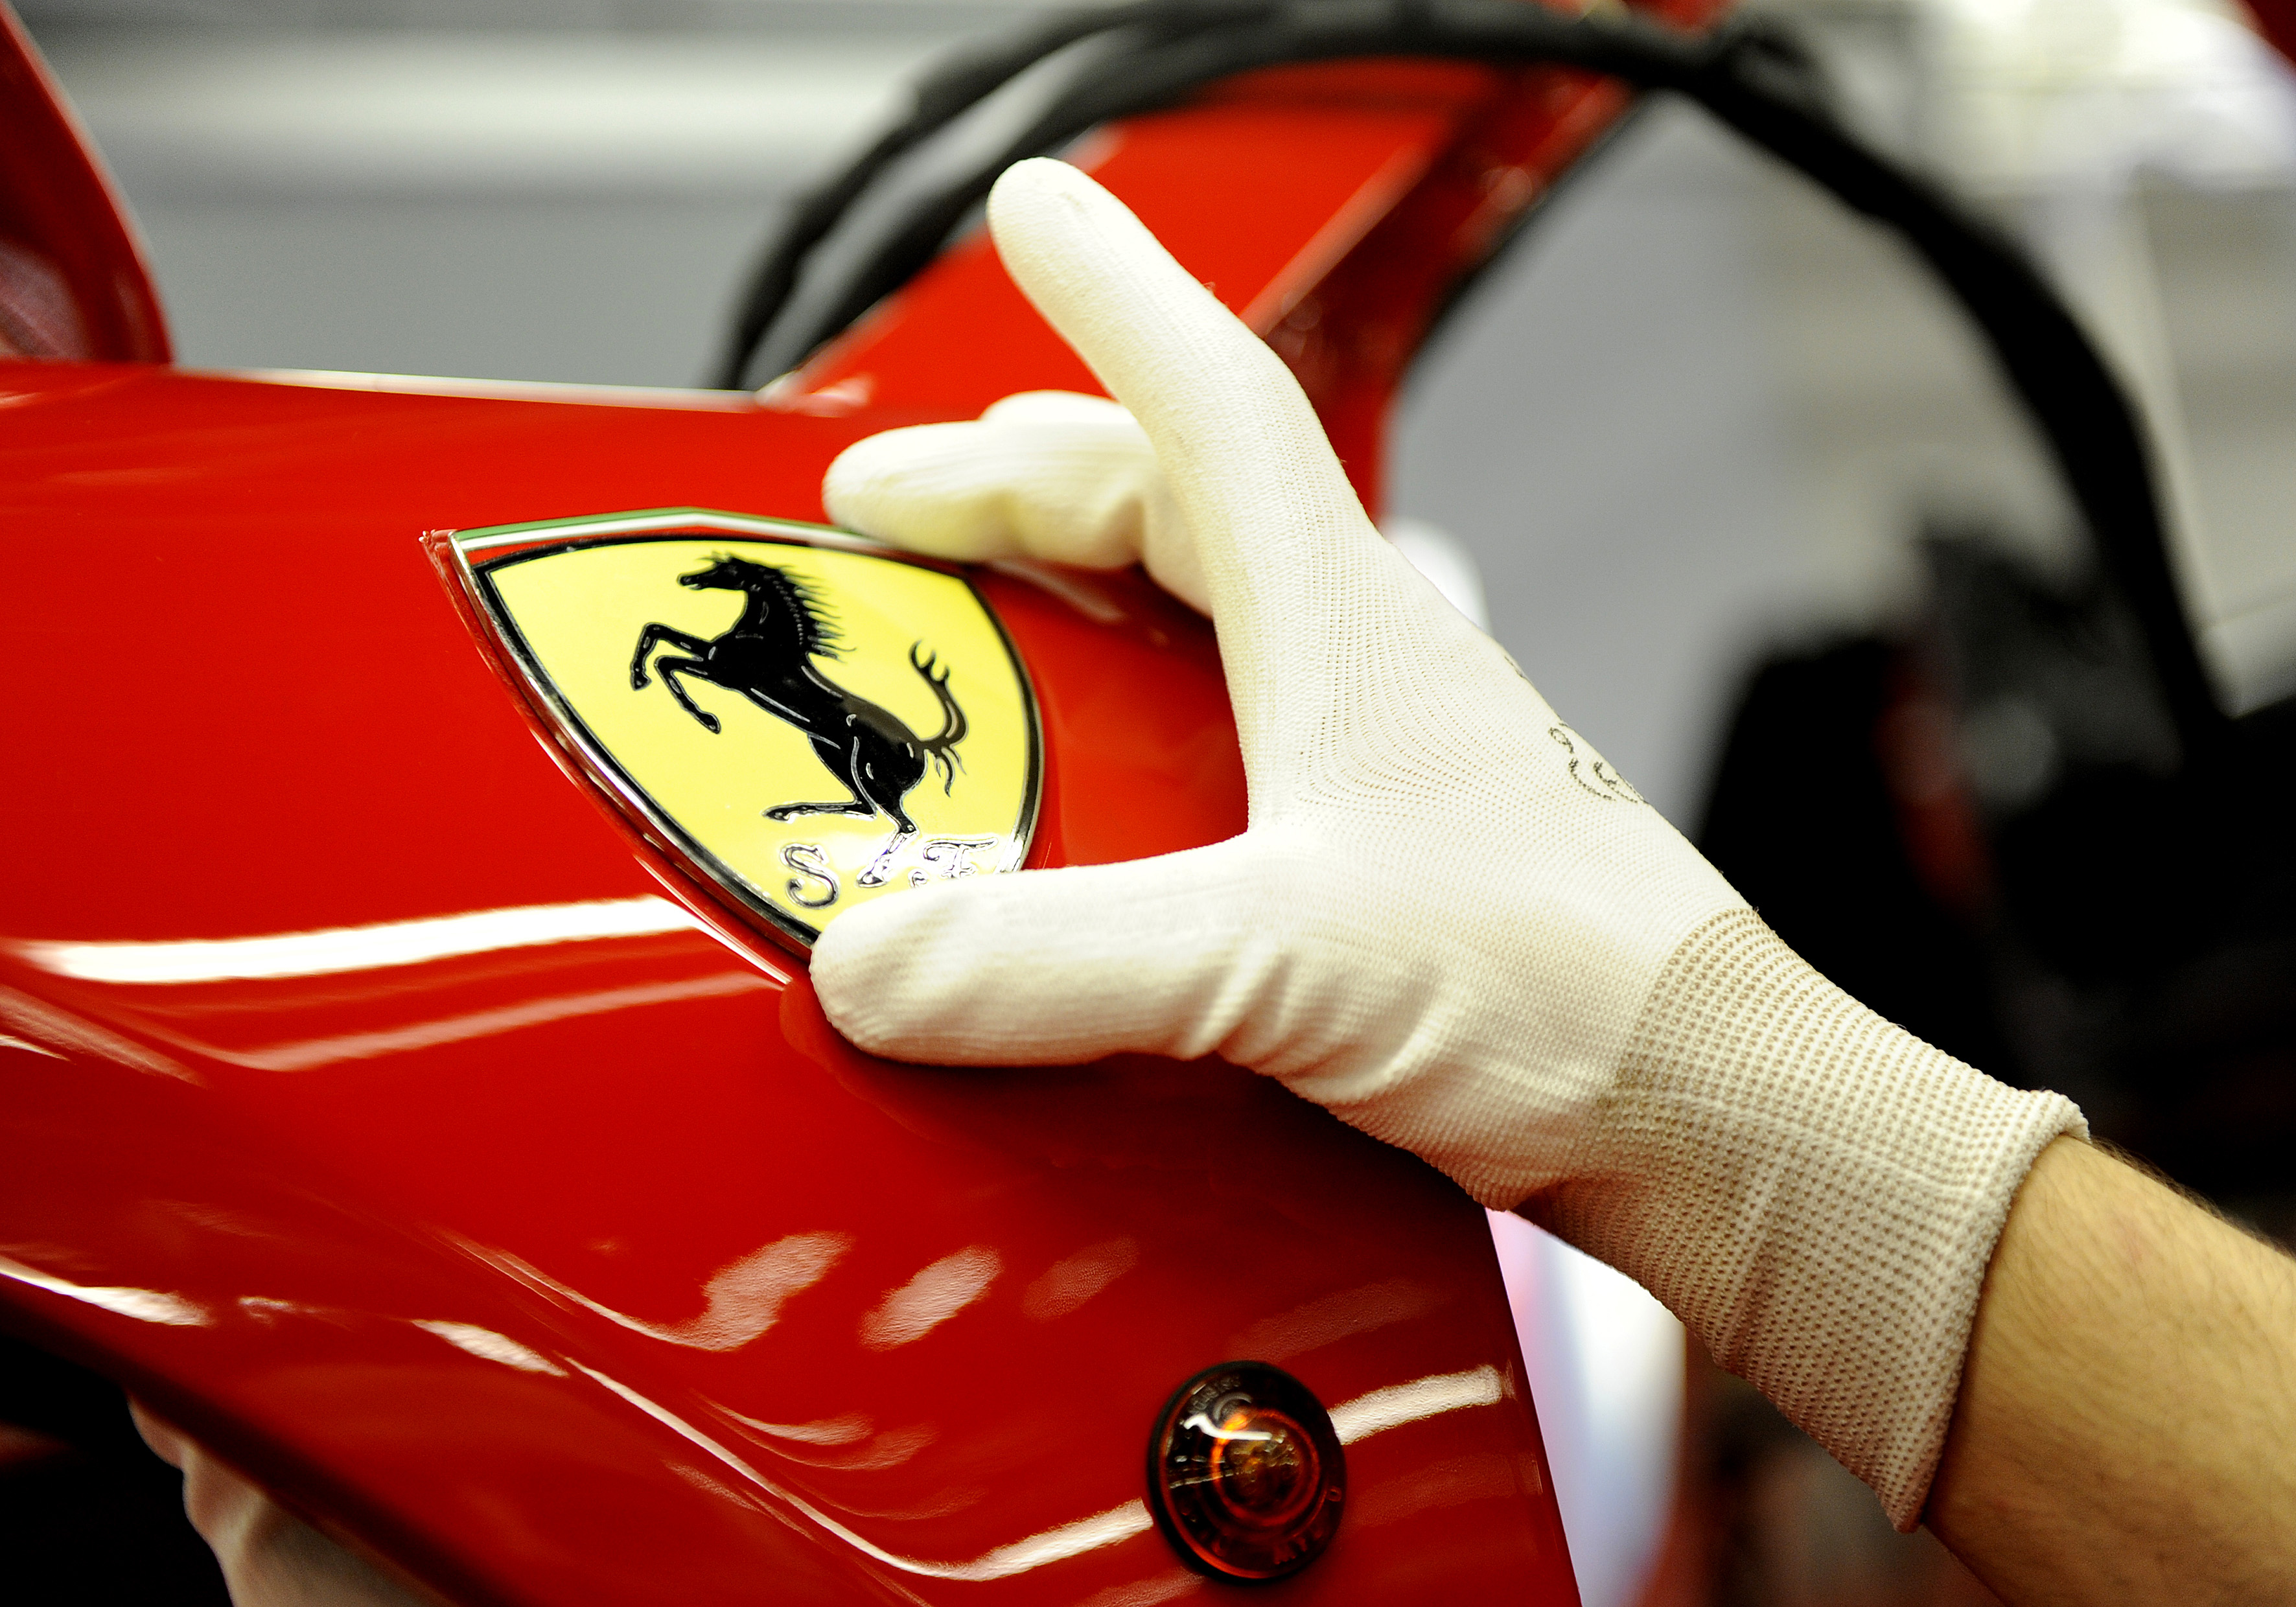 F1: Bezárt a Ferrari, versenyprogramját is felfüggesztette